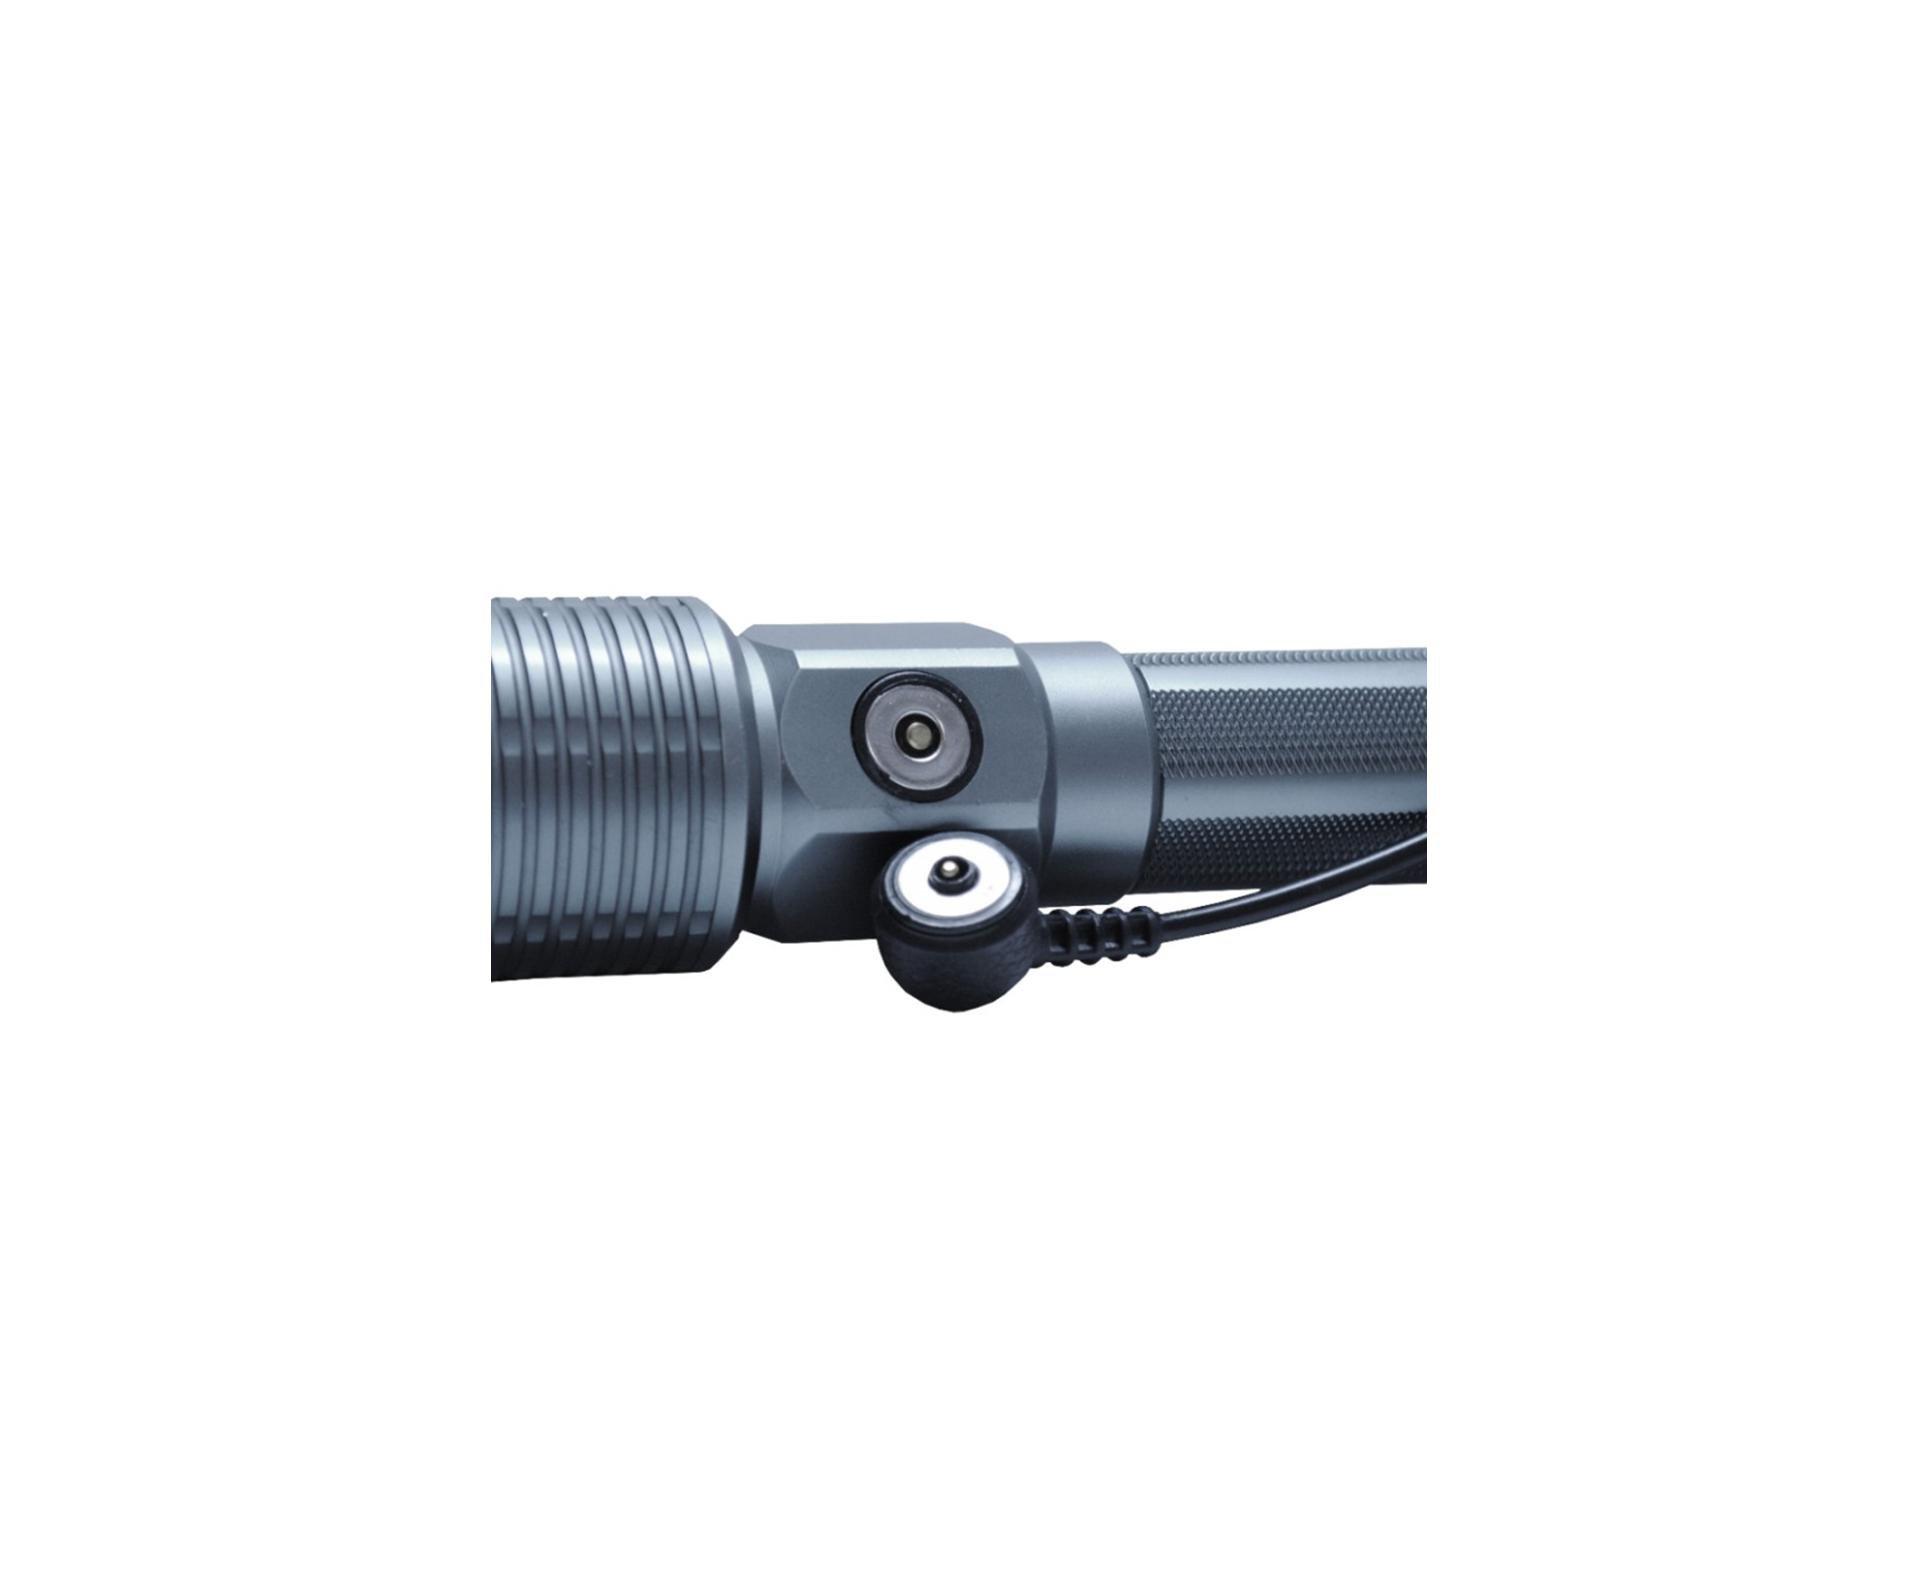 Lanterna Tática Recarregável High Tec - Guepardo